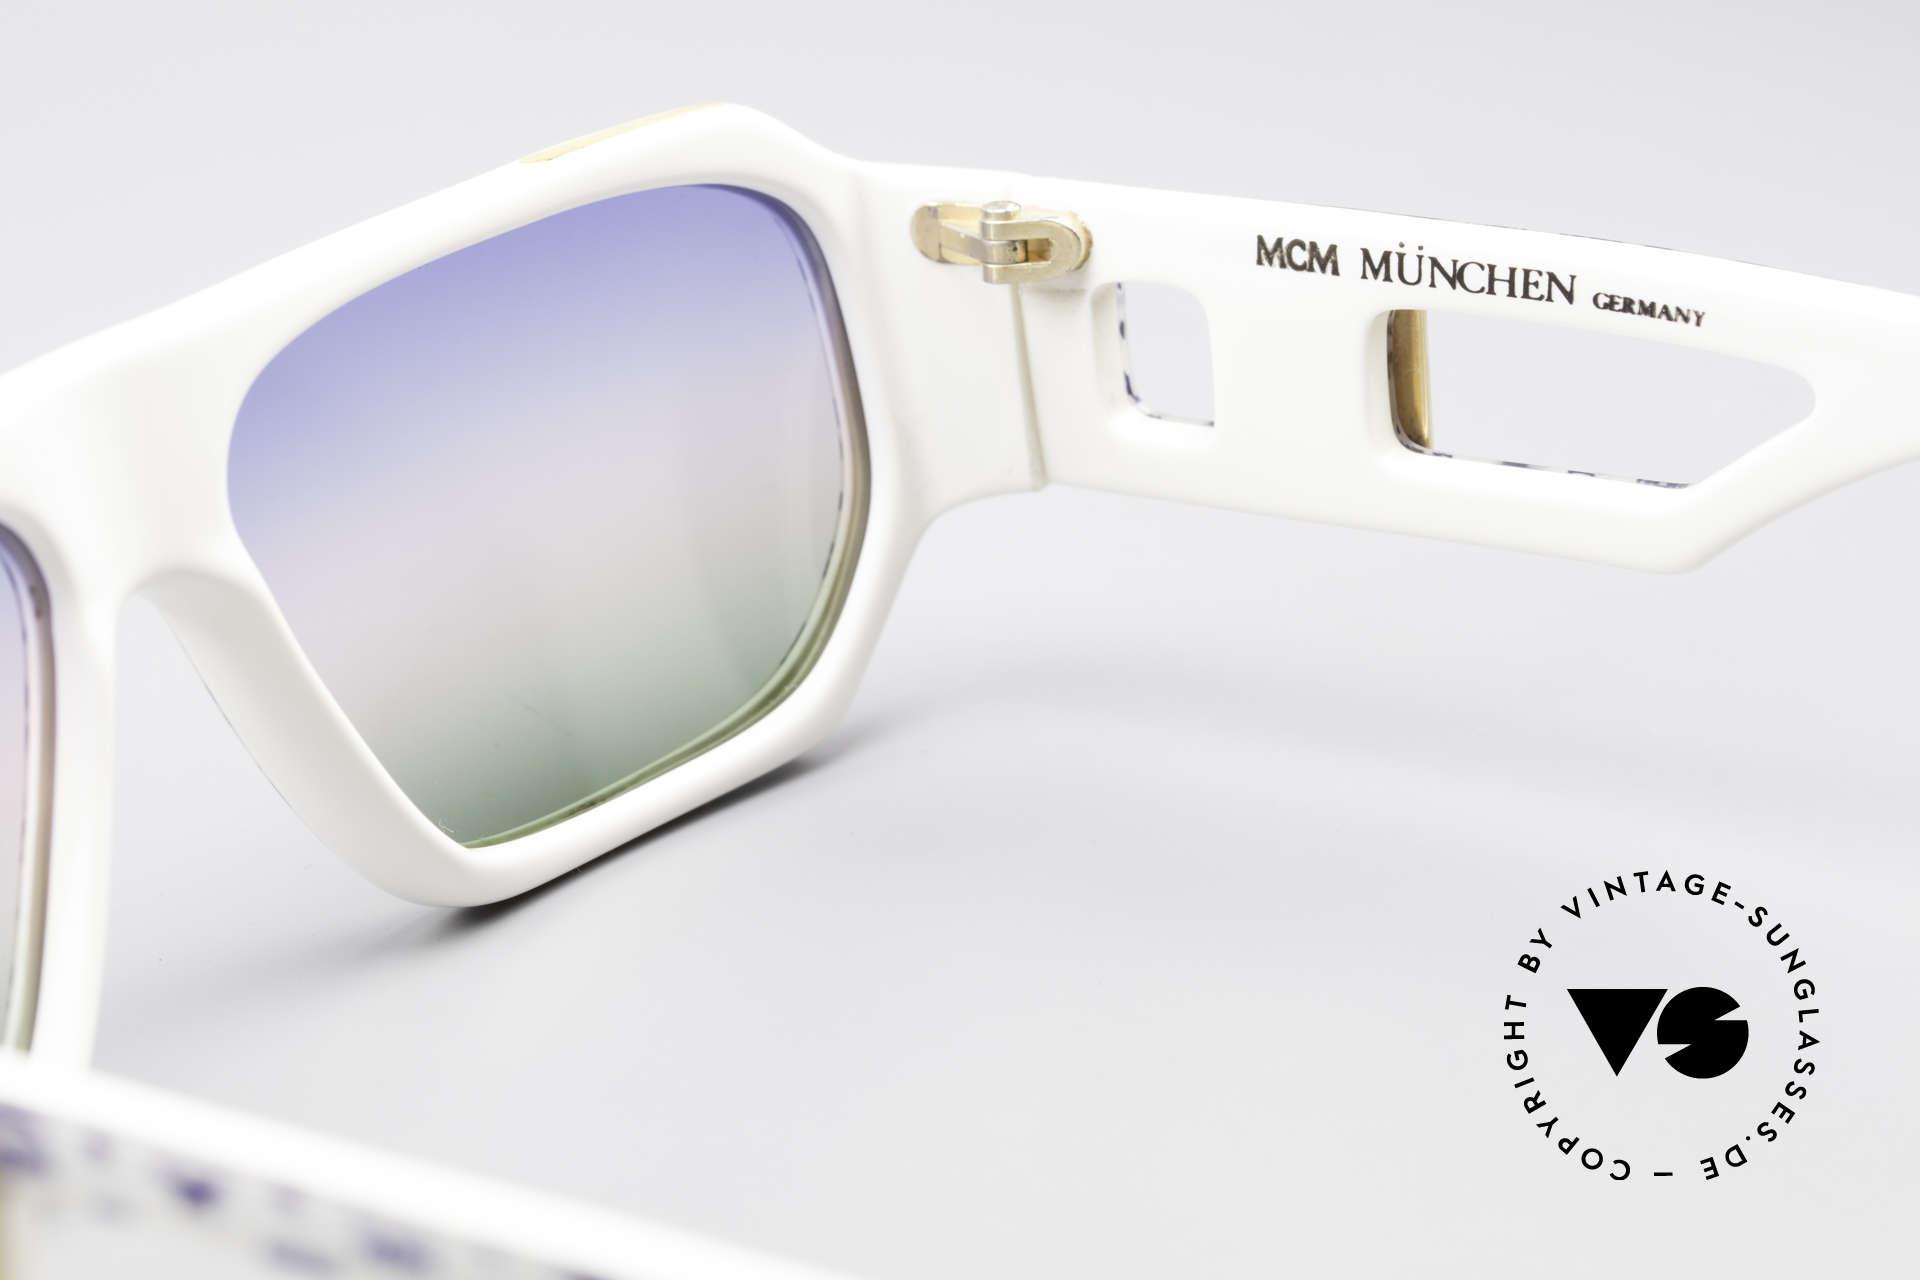 MCM München A2 80er Designer Sonnenbrille, KEIN RETRO, ein 80er Original mit Lacoste Etui, Passend für Herren und Damen